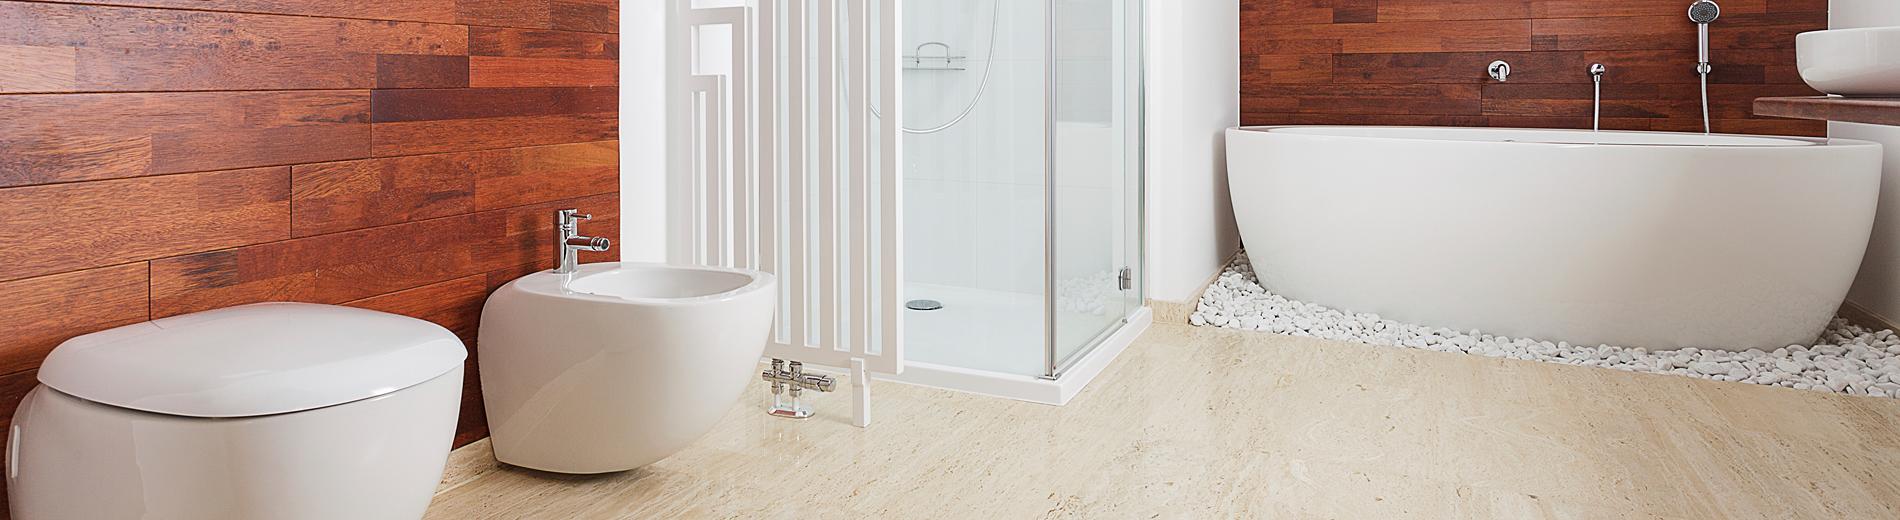 Jensen Staedt Komplettsanierung Ihres Badezimmers Wir Planen